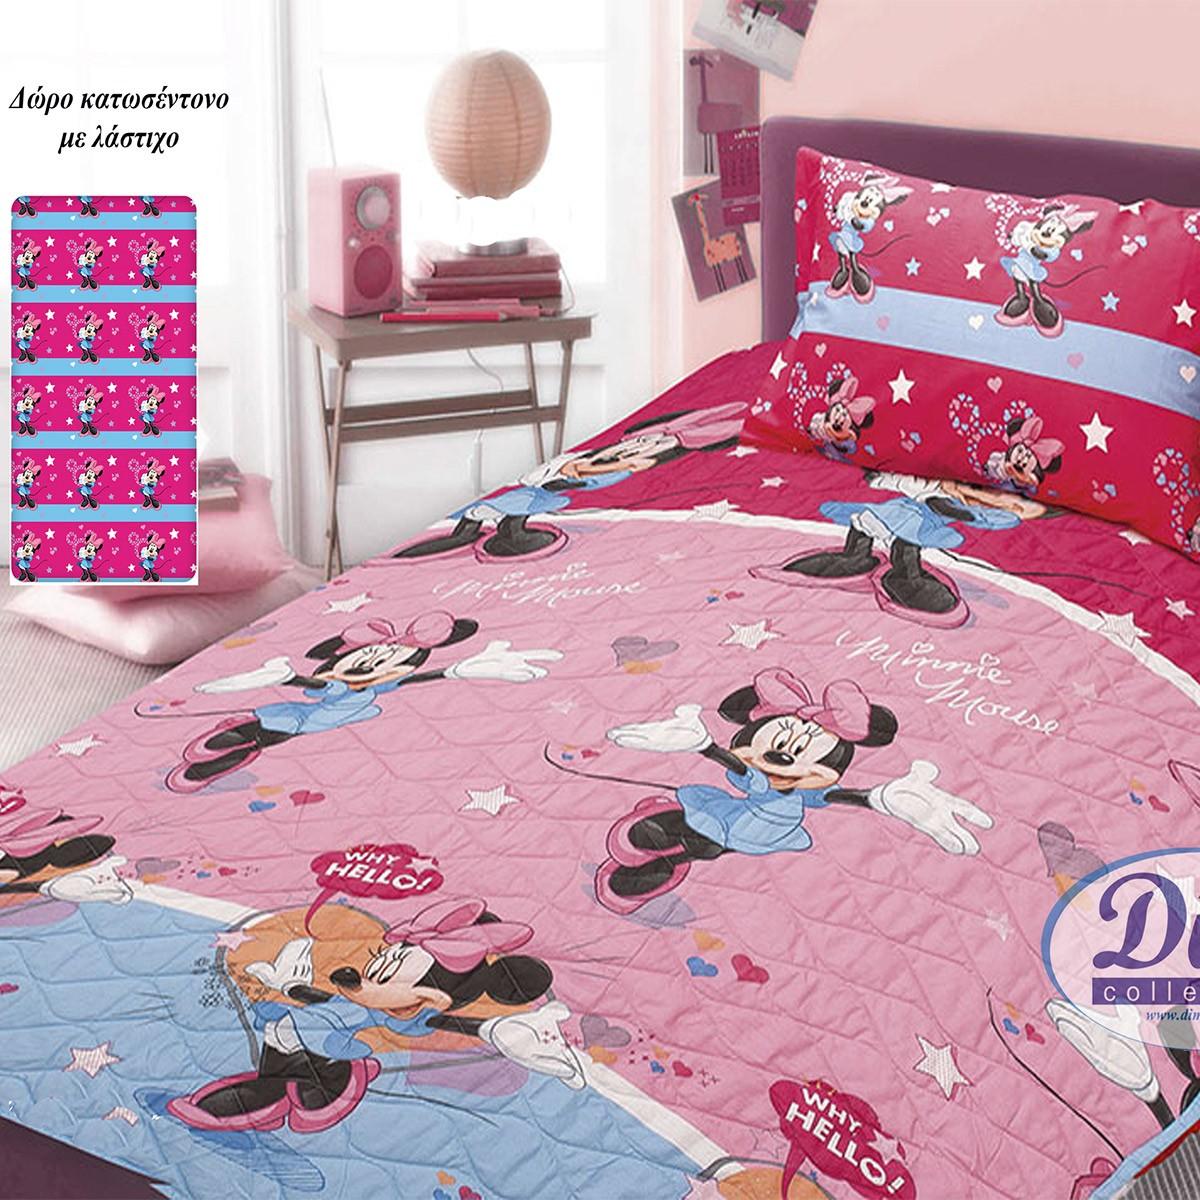 Κουβερλί Μονό (Σετ) Dim Collection Minnie 730